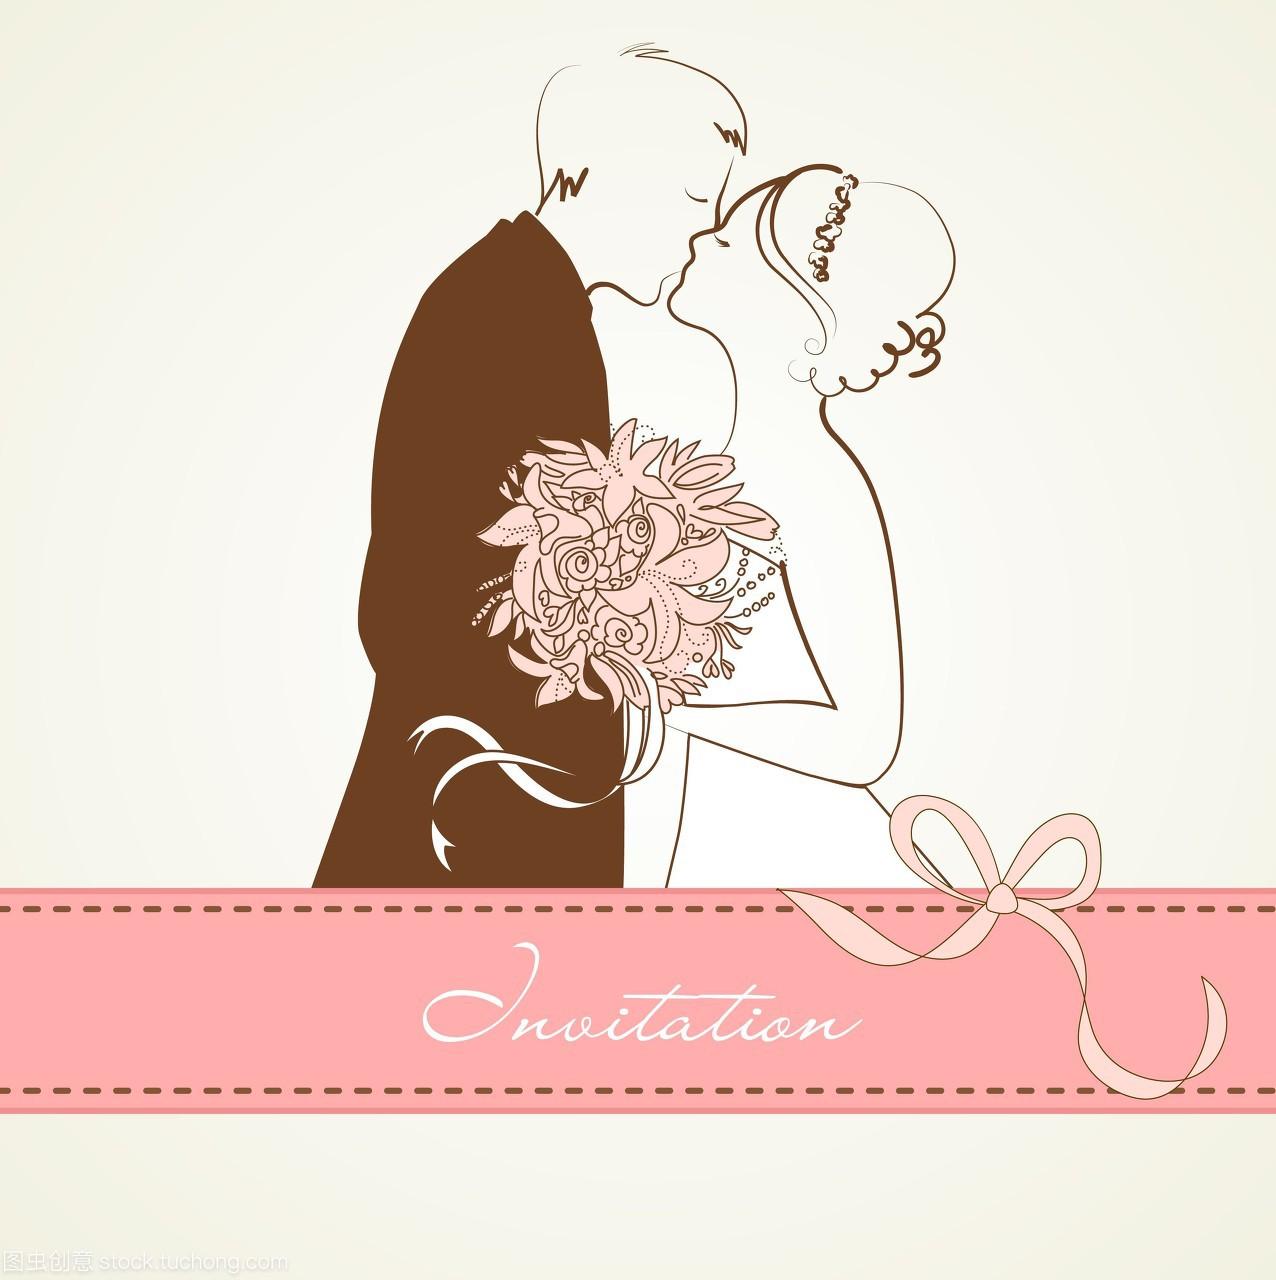 雅,关系,典礼,卡,图纸,合伙,v典礼,夫妻,积木,卡片乐高图纸拼装图片图图片